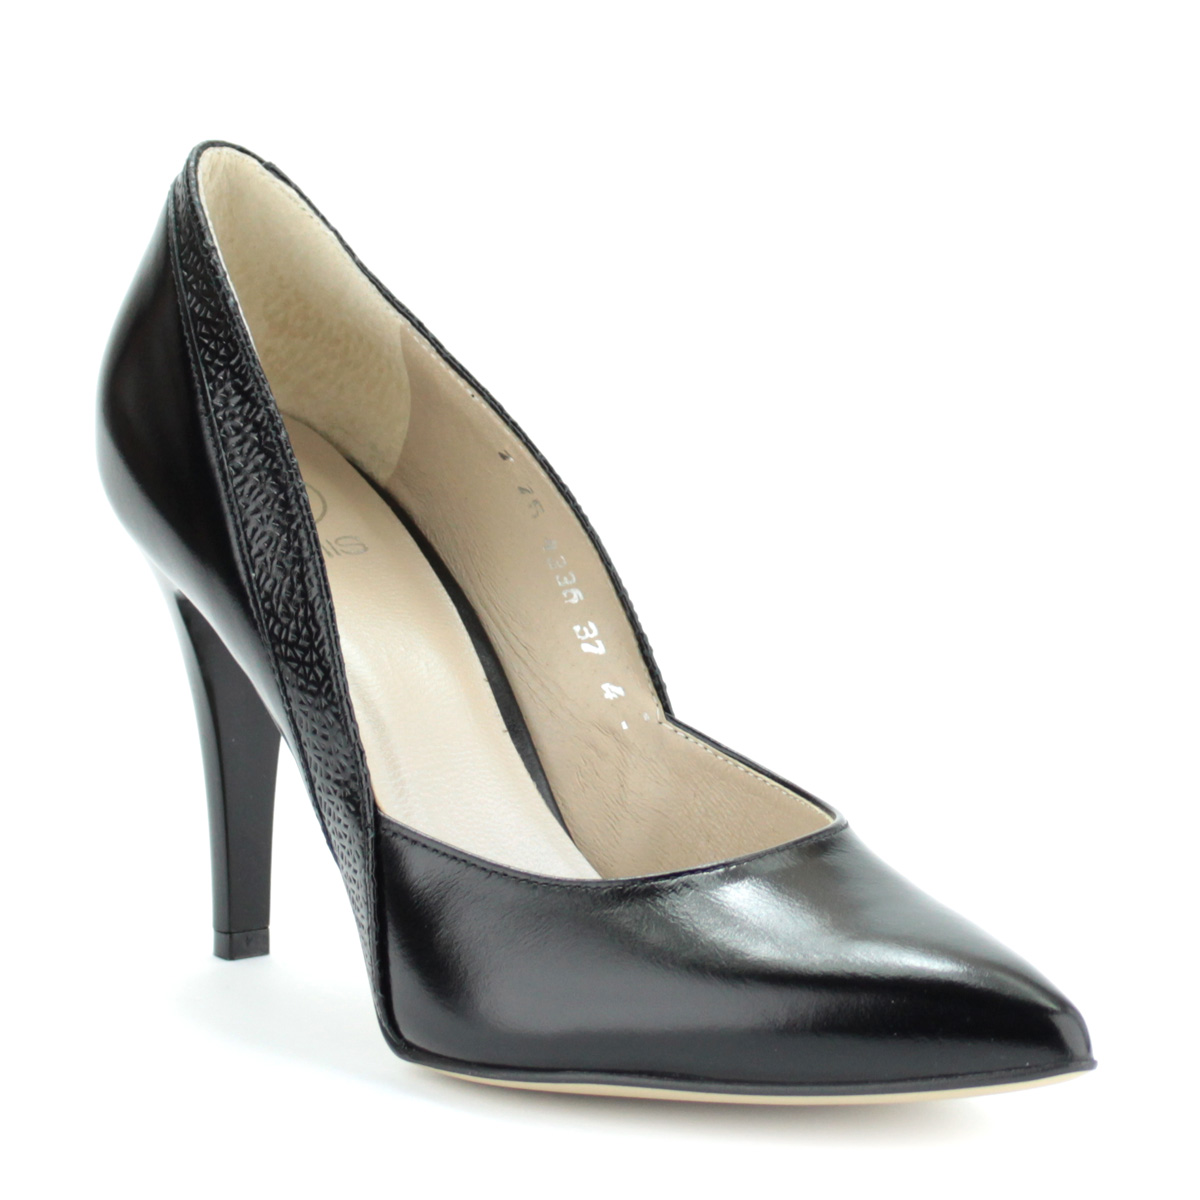 f98348675a3e Anis női cipő. Fekete színű magas sarkú alkalmi cipő. Sarka 9 cm magas.  Felsőrésze és bélése is bőr. Oldalán anyagába nyomott díszítés található.